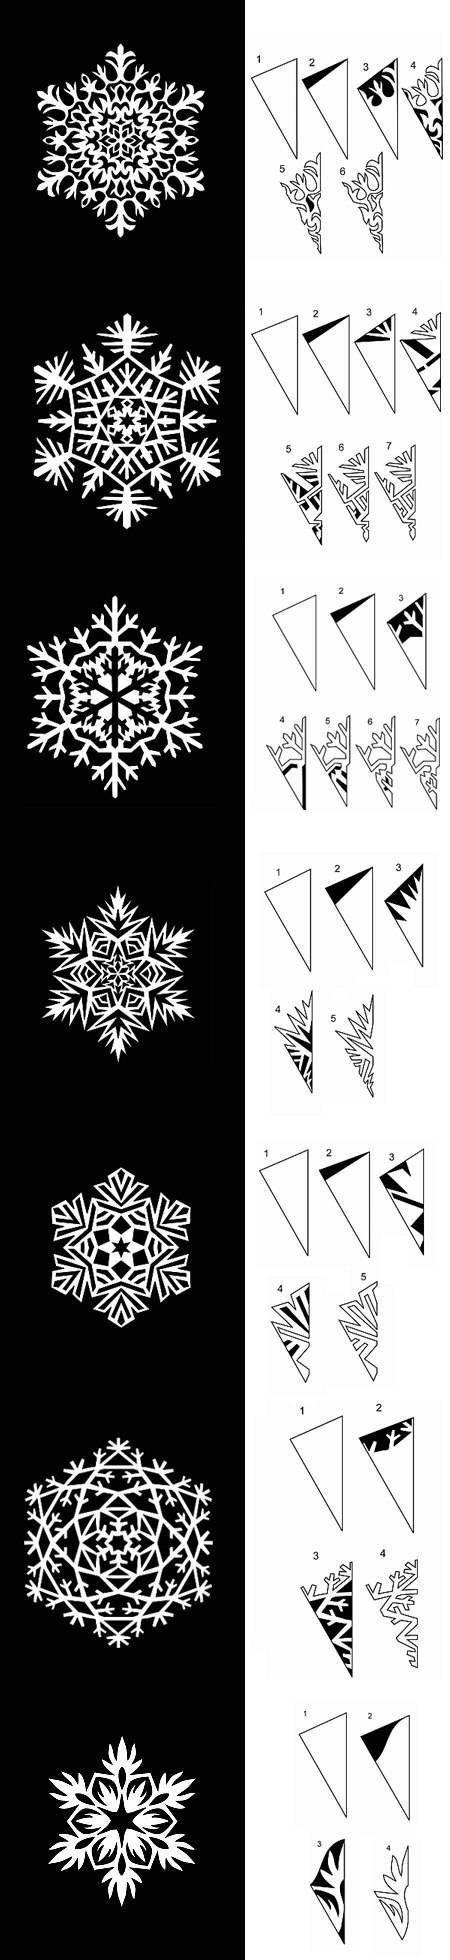 Activite De Noel Jolis Flocons De Papier Diy Flocons De Neige Modele Flocon De Neige Et Flocons De Neige En Papier